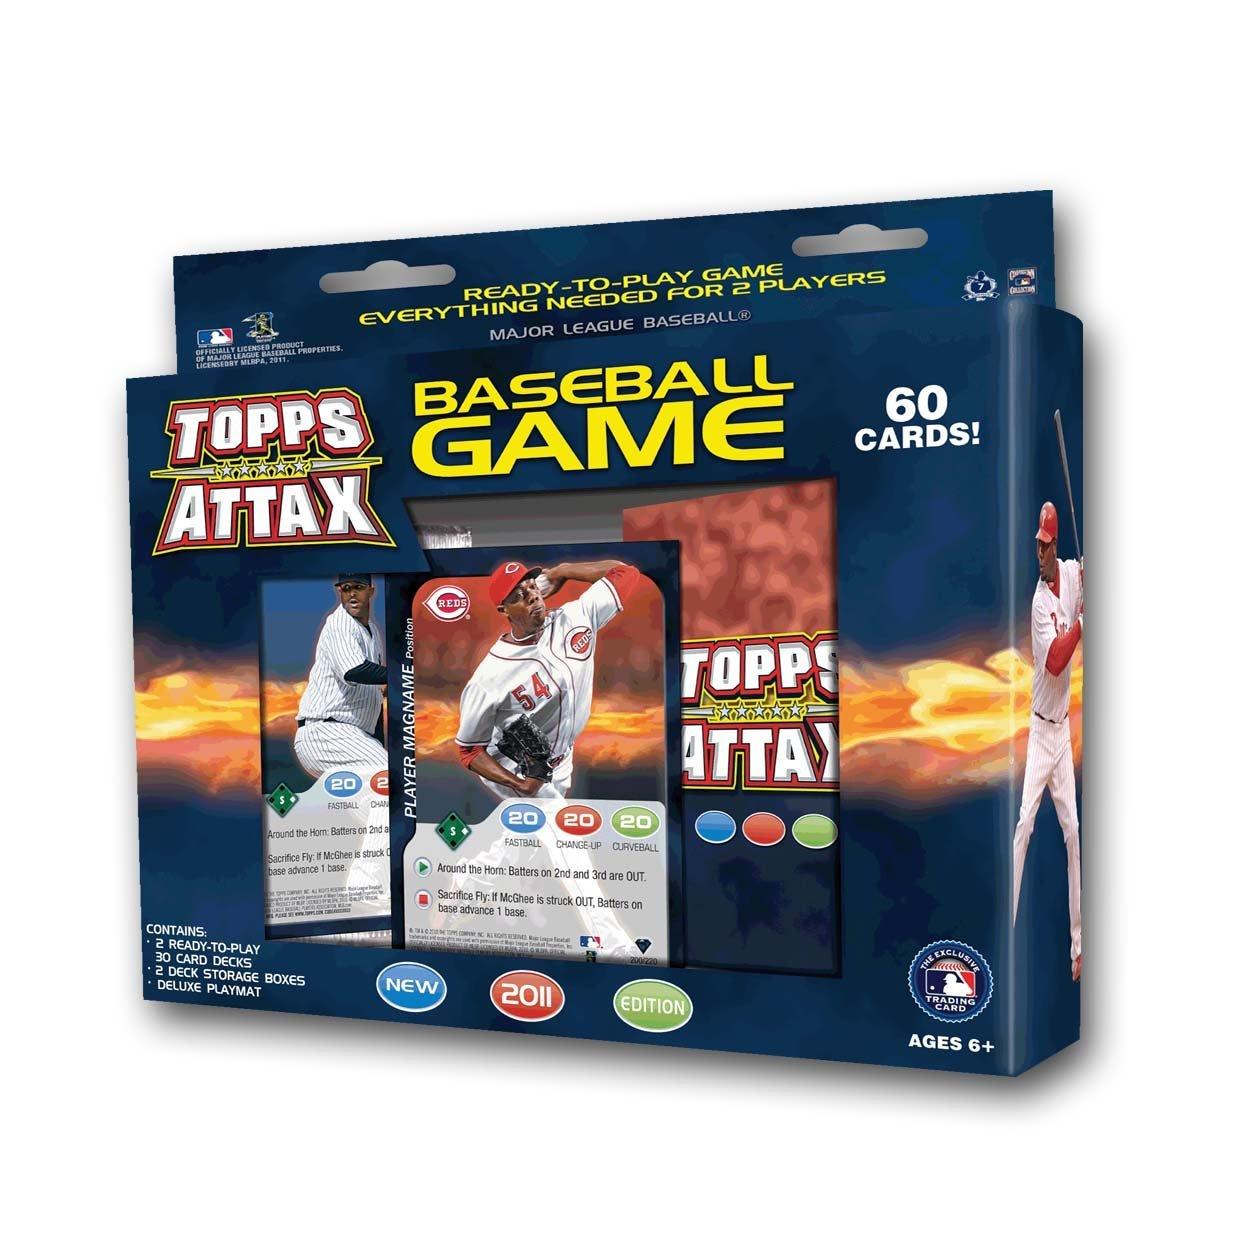 2011 Topps Attax MLB Baseball Game Starter Deck